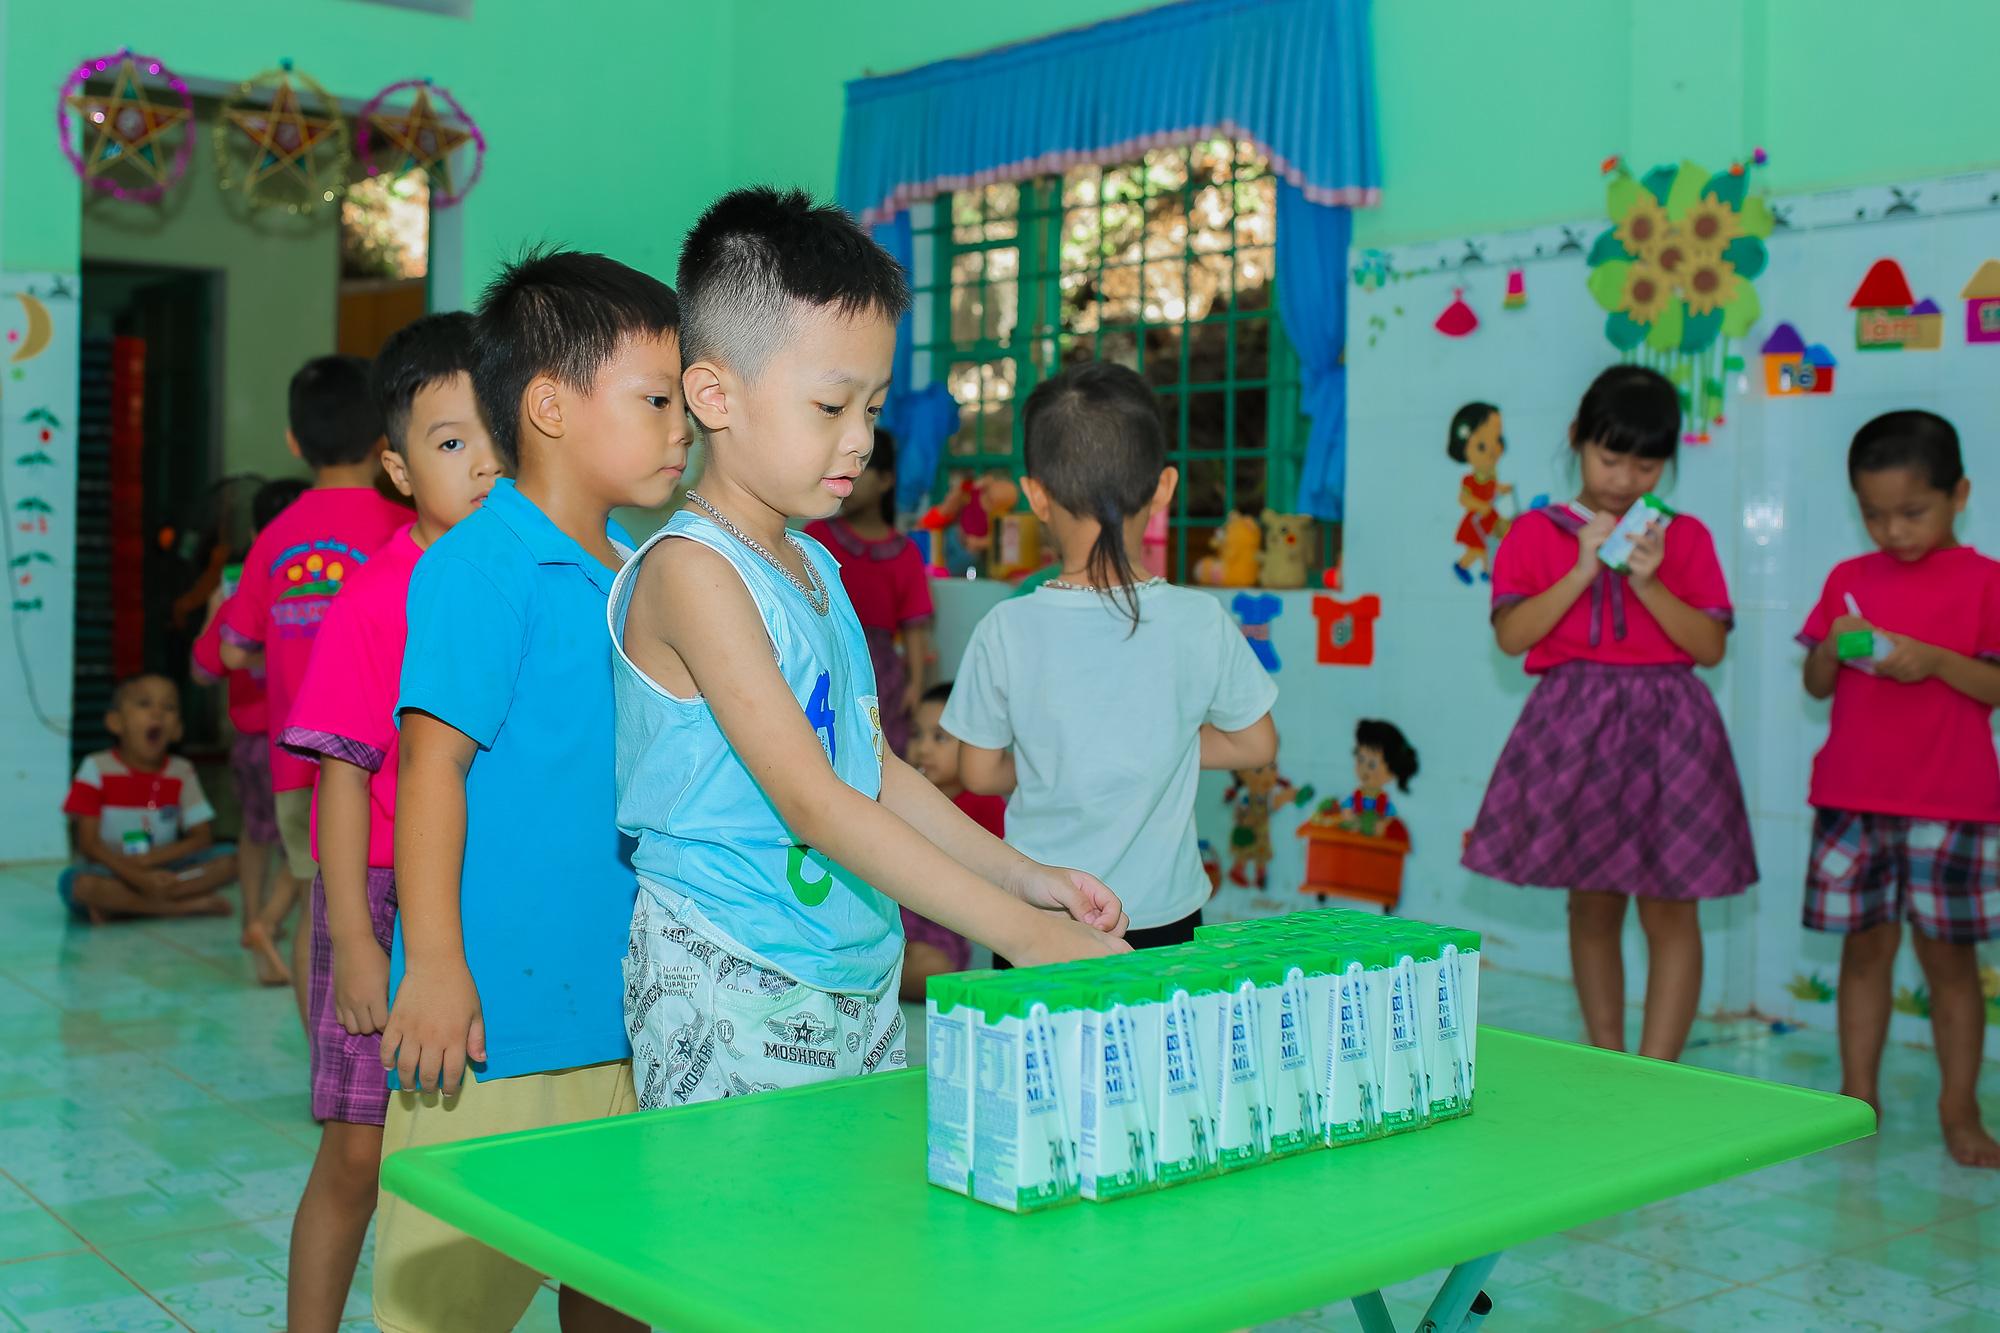 Sữa học đường sẵn sàng cho ngày tựu trường năm học mới - Ảnh 1.